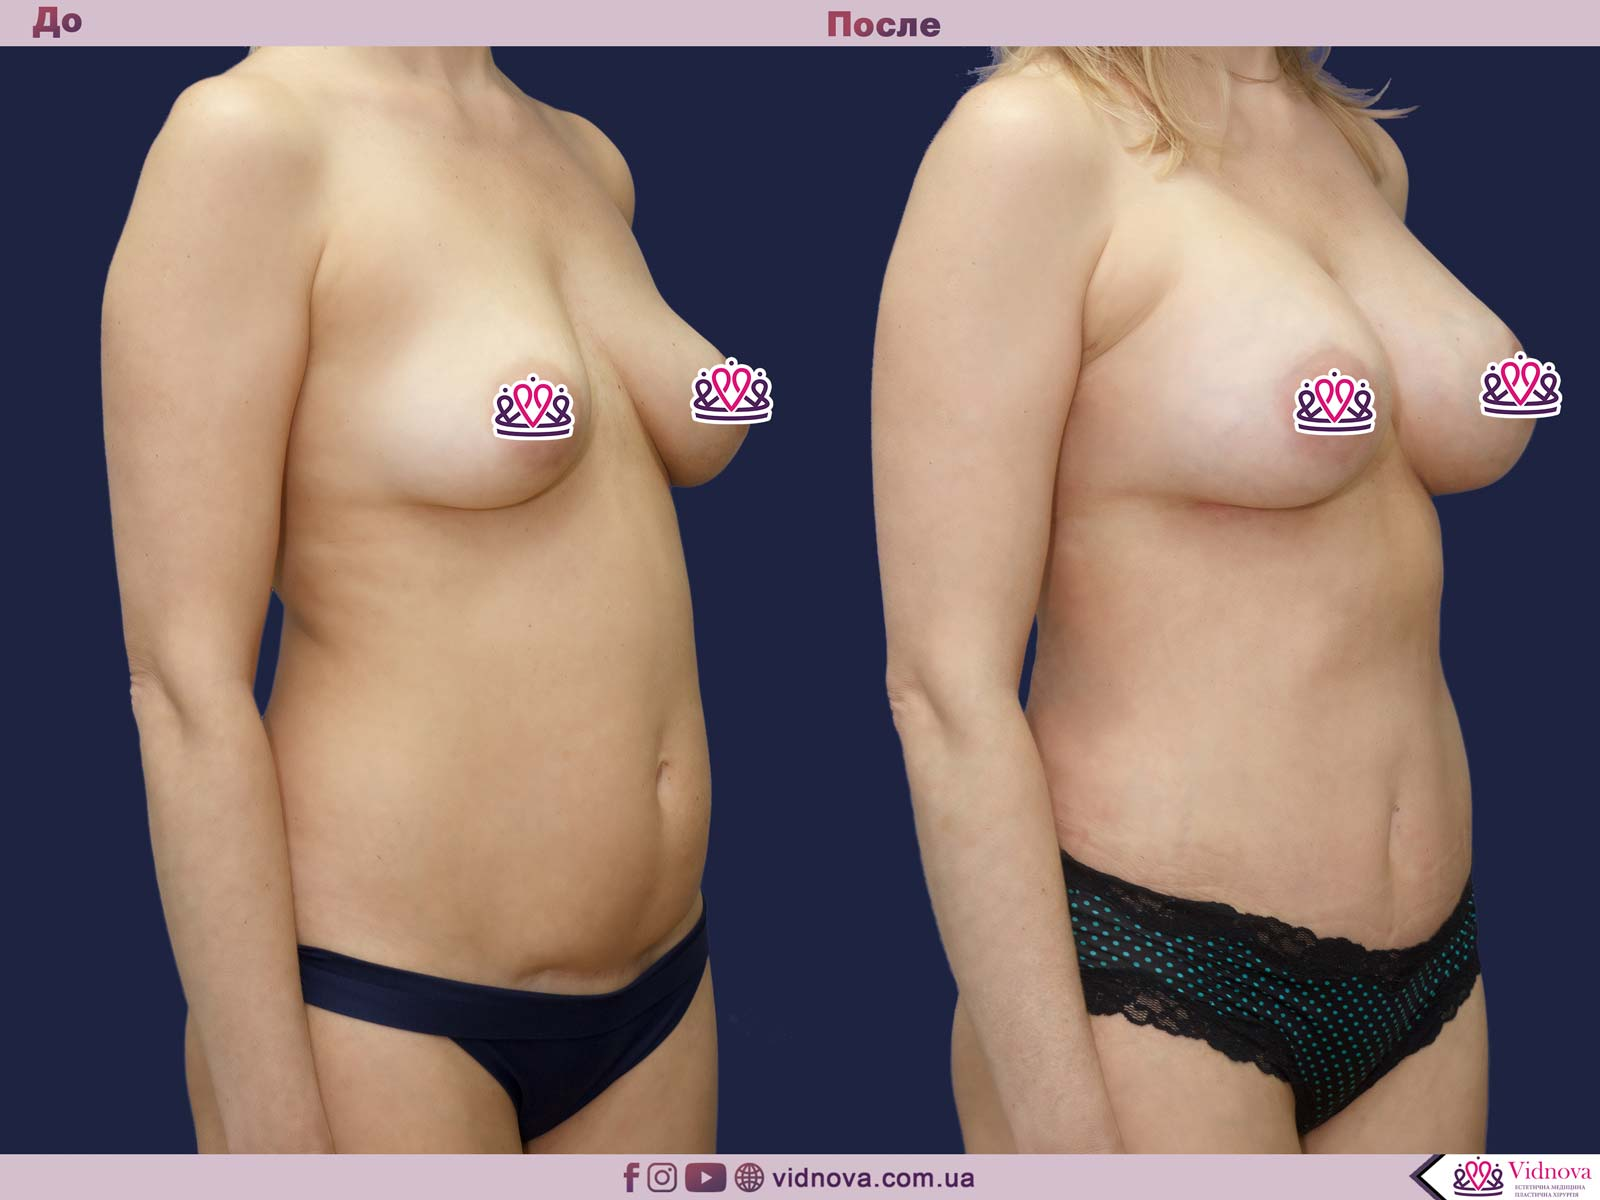 Совмещенные операции: Фото До и После - Пример №7-3 - Клиника Vidnova